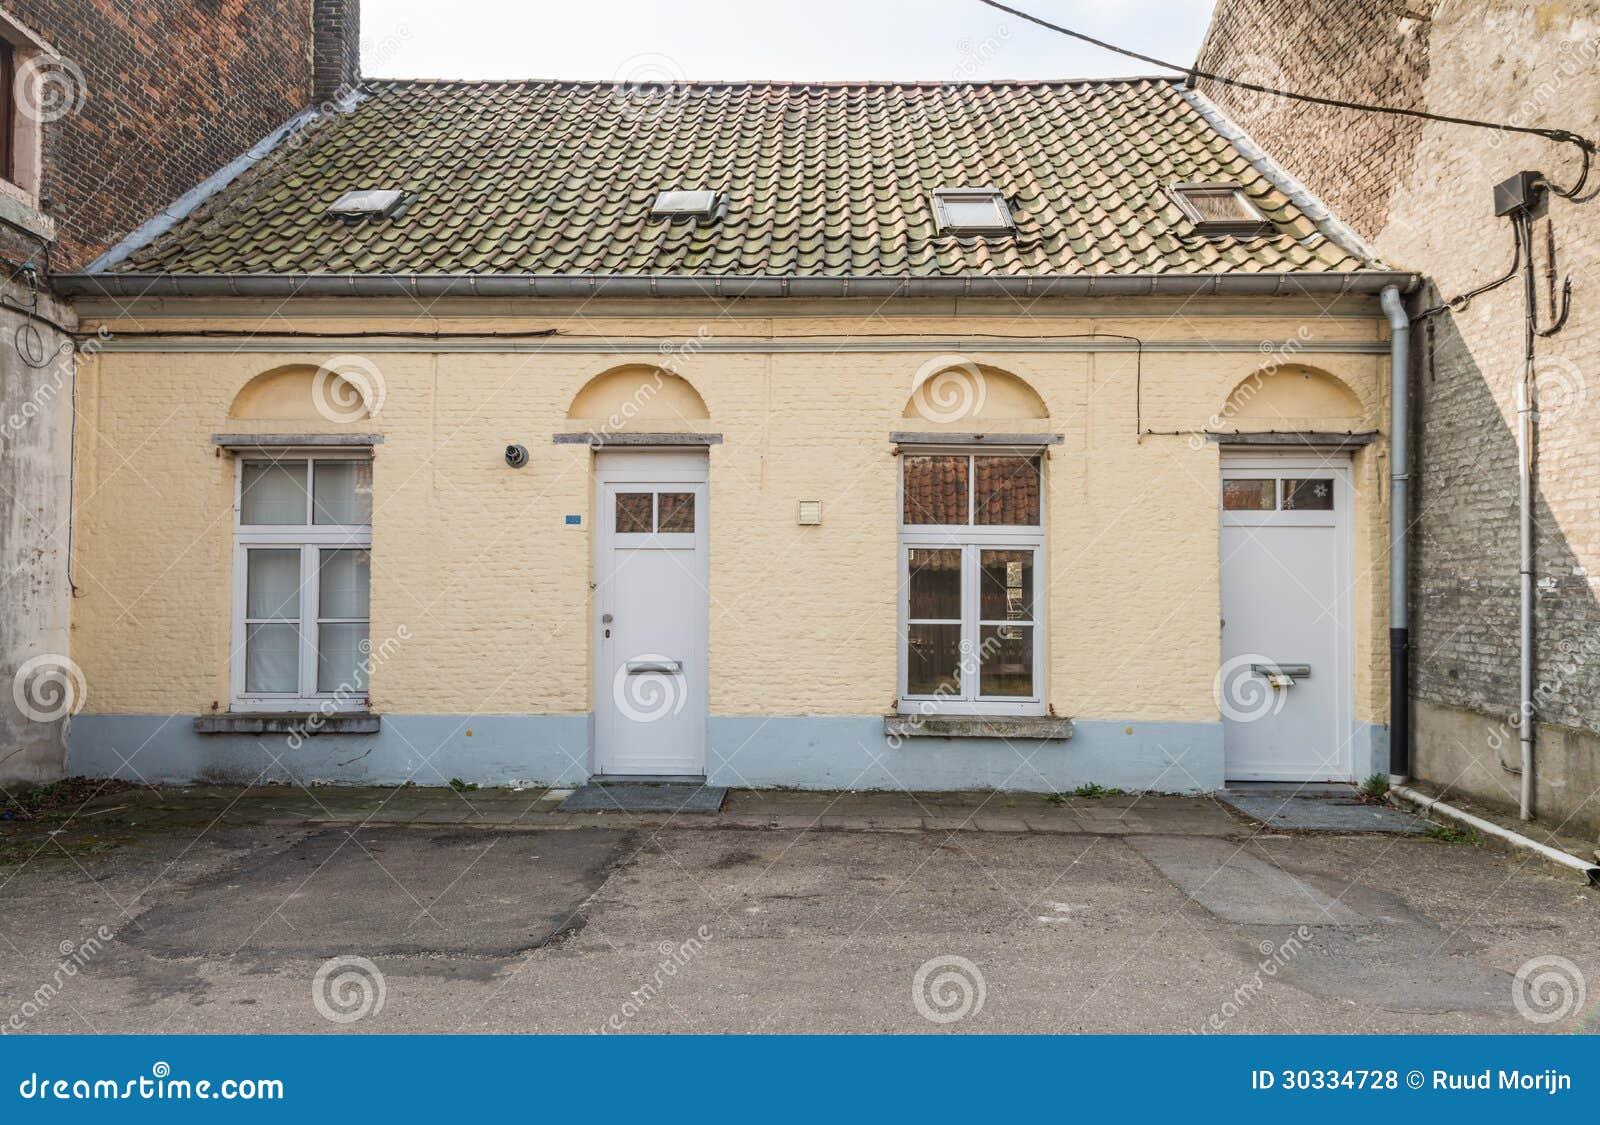 一个老被放弃的房子的门面建造在两个大房子之间